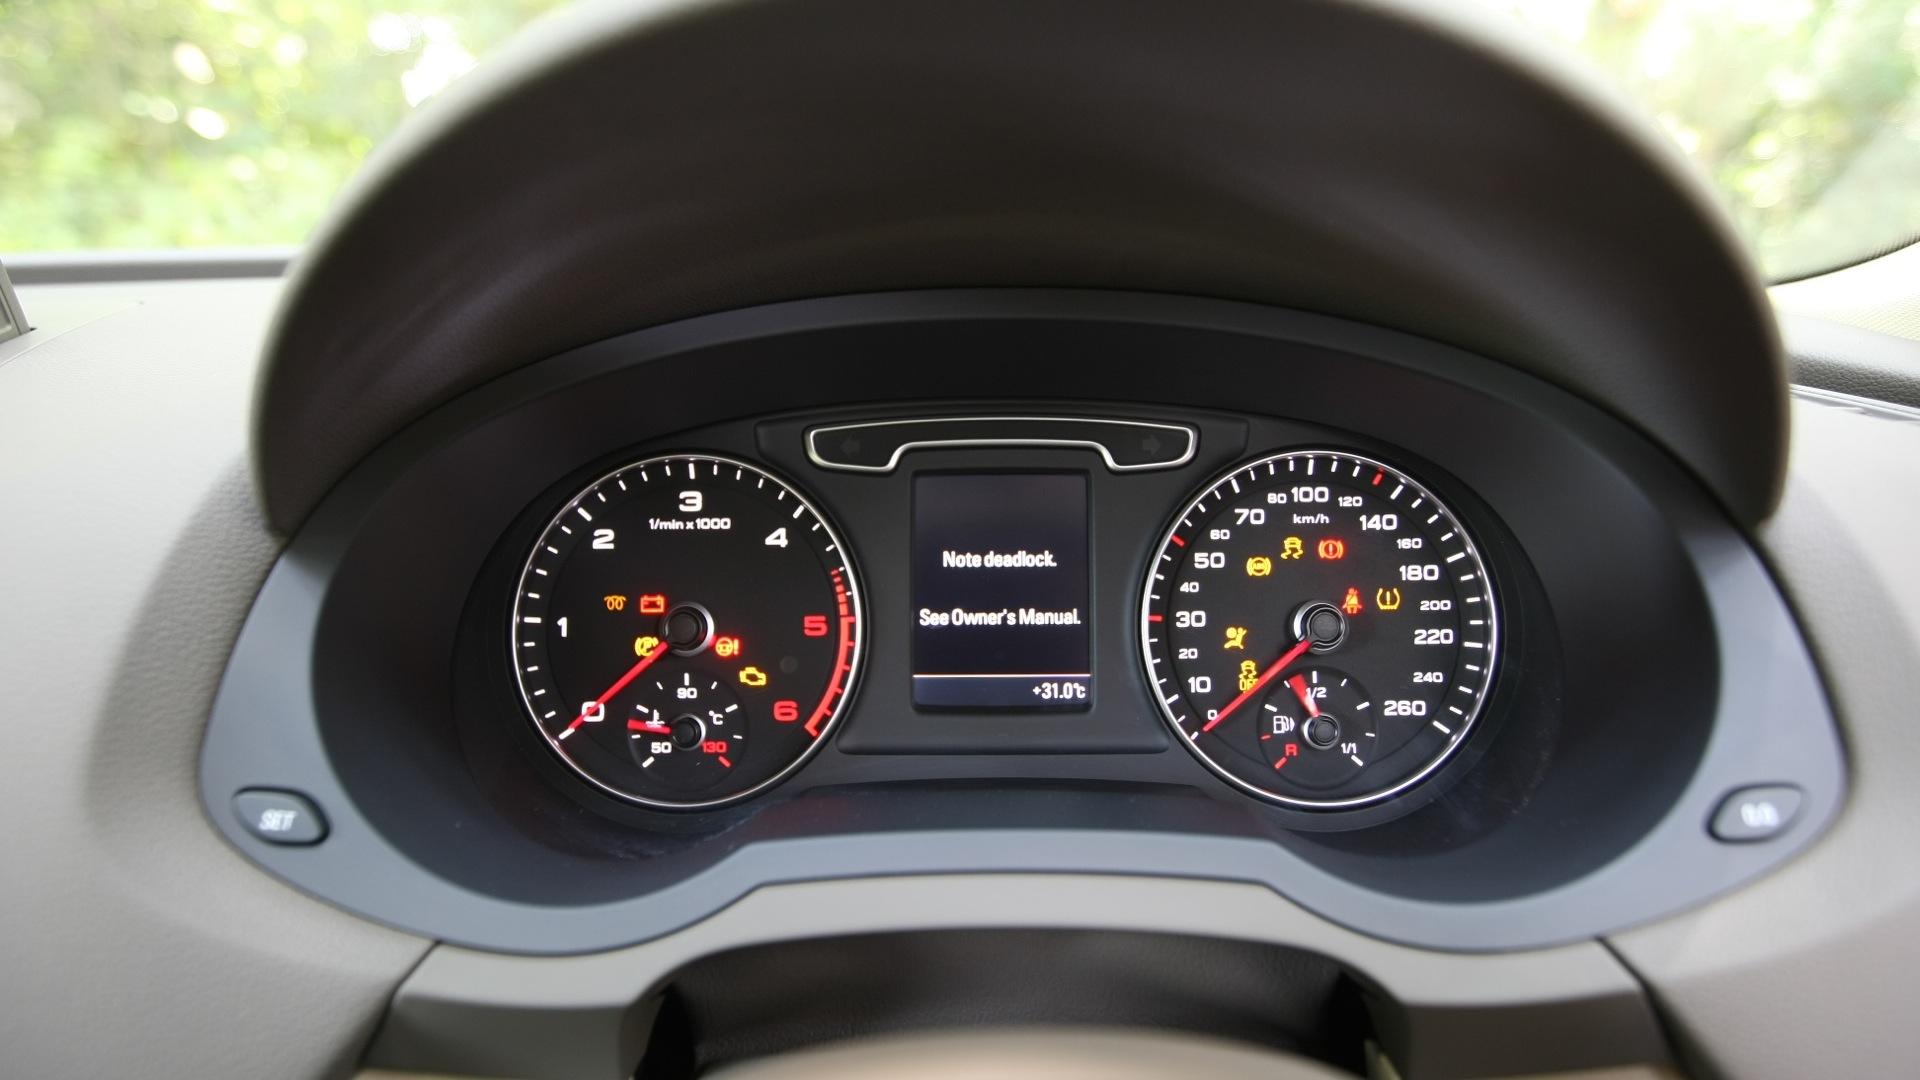 Audi-Q3-2012-2-0-TFSI-Quattro-Interior